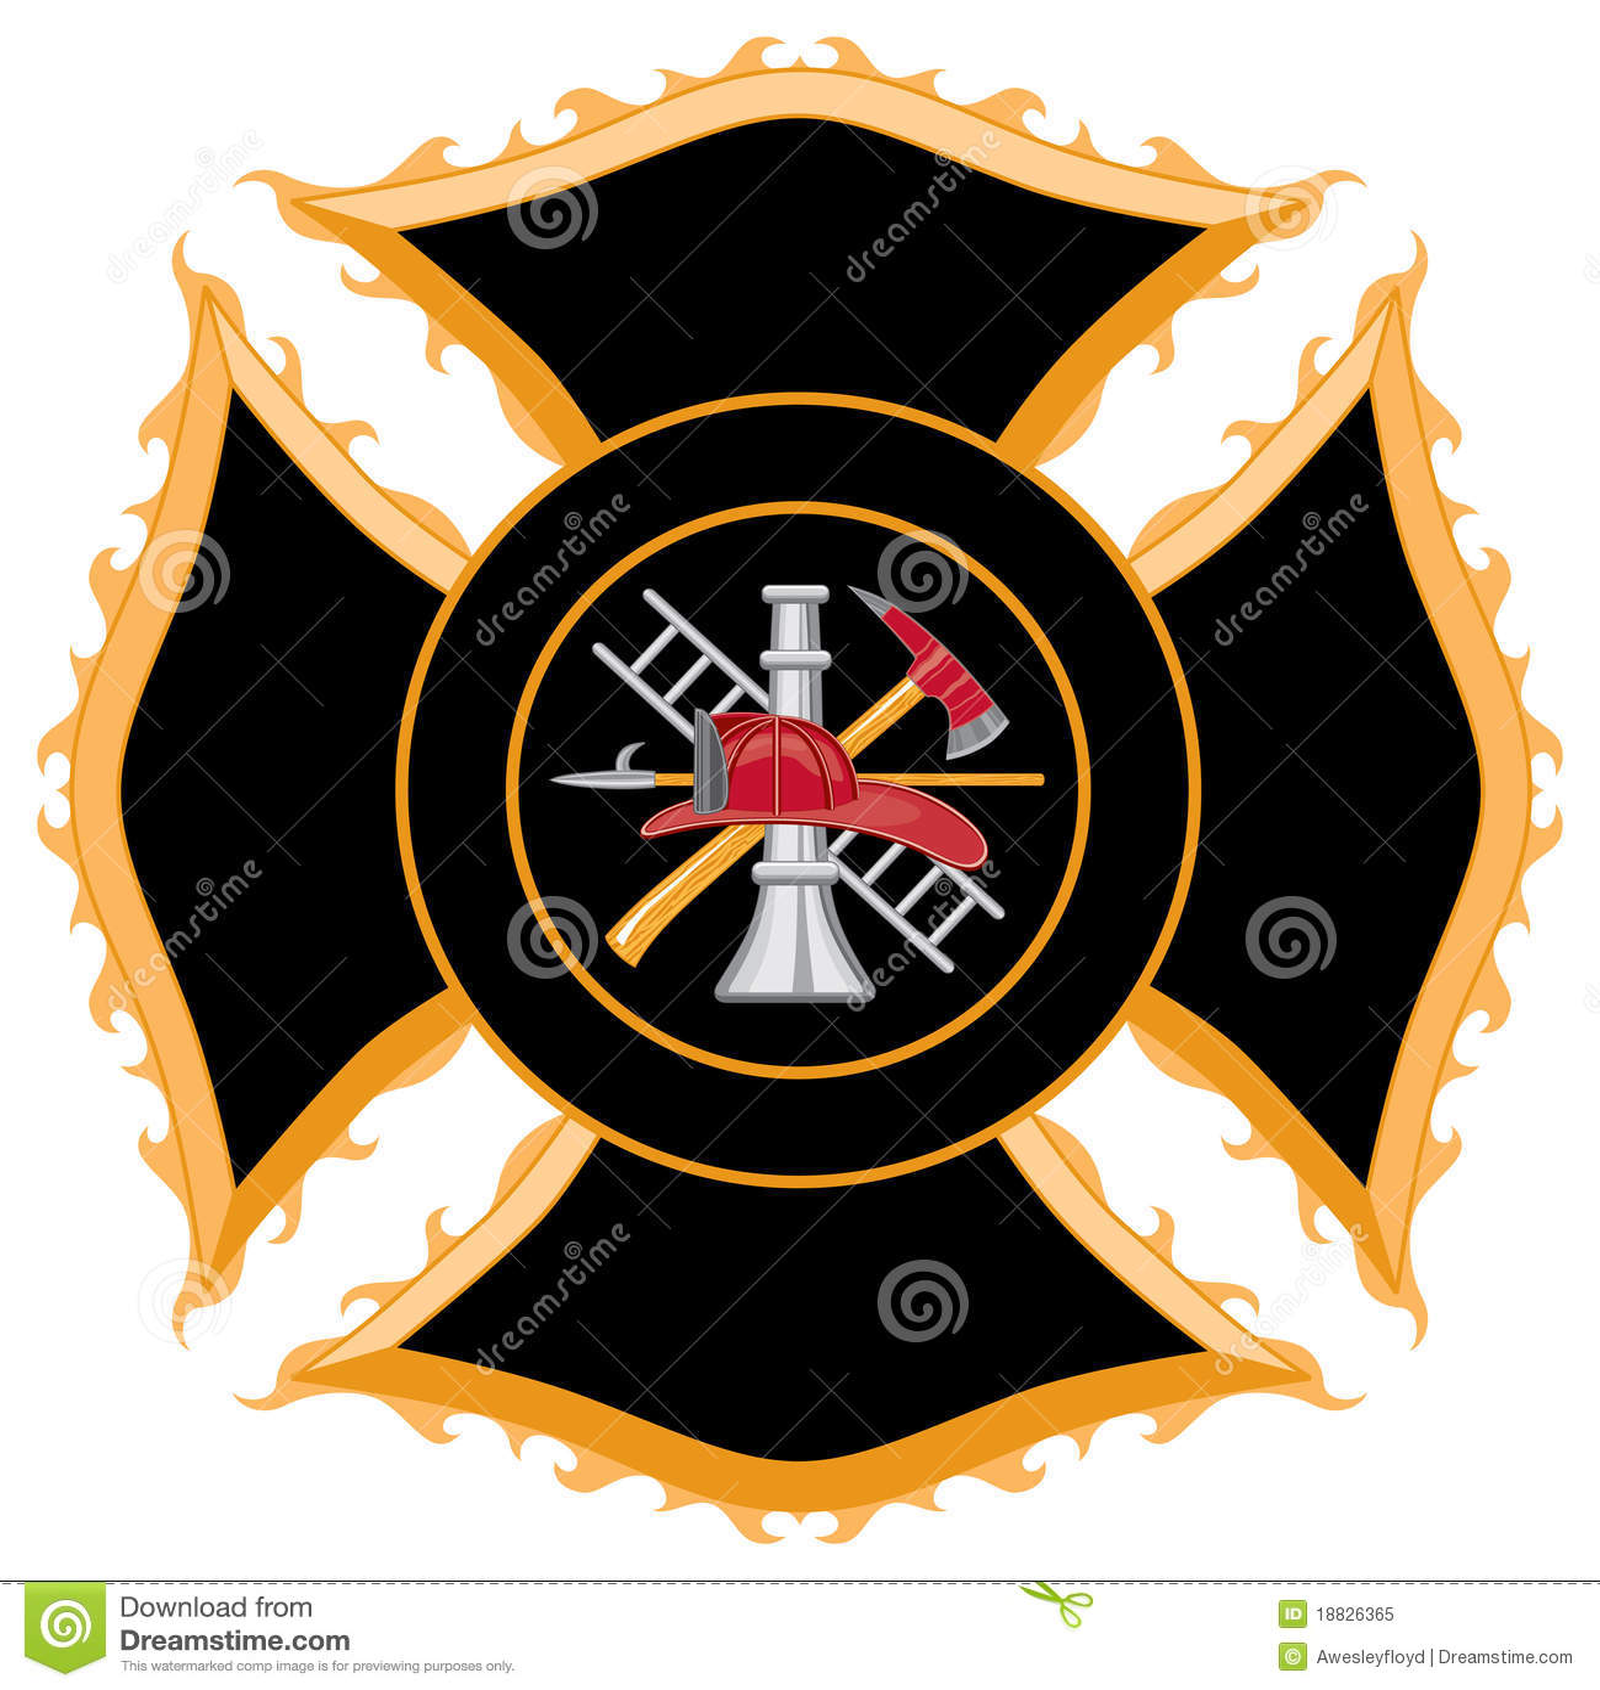 Símbolo da cruz maltesa do departamento dos bombeiros